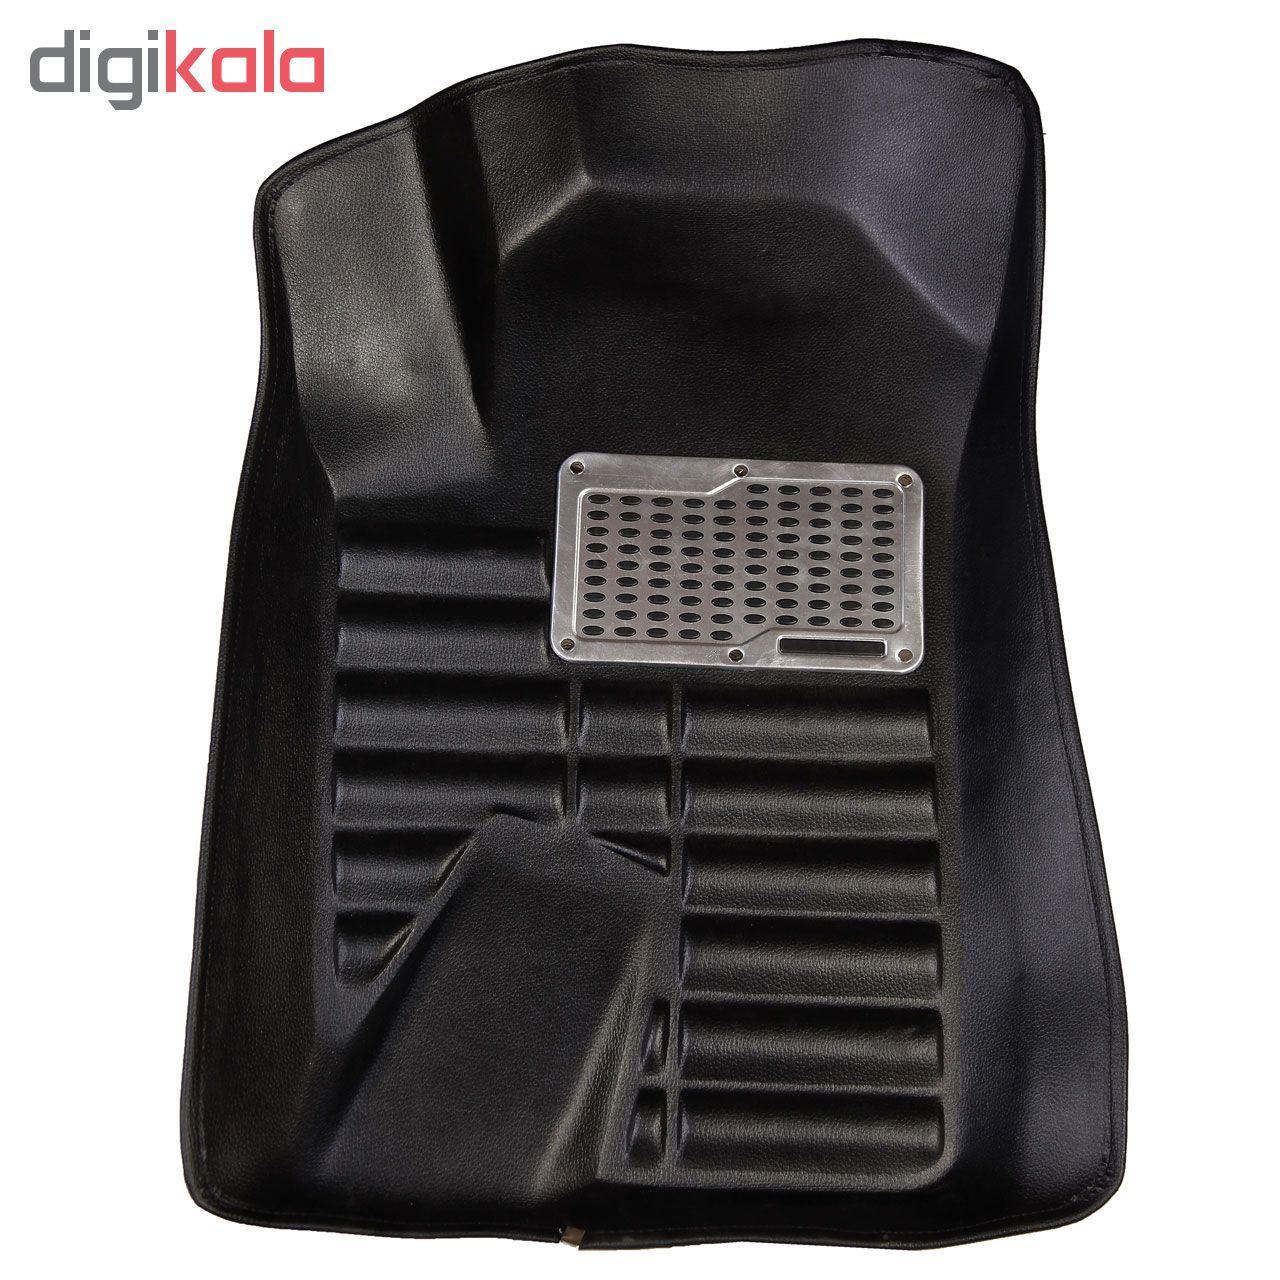 کفپوش سه بعدی خودرو مدل پالیز مناسب برای دنا-سمند-پژو 405-پارس main 1 6